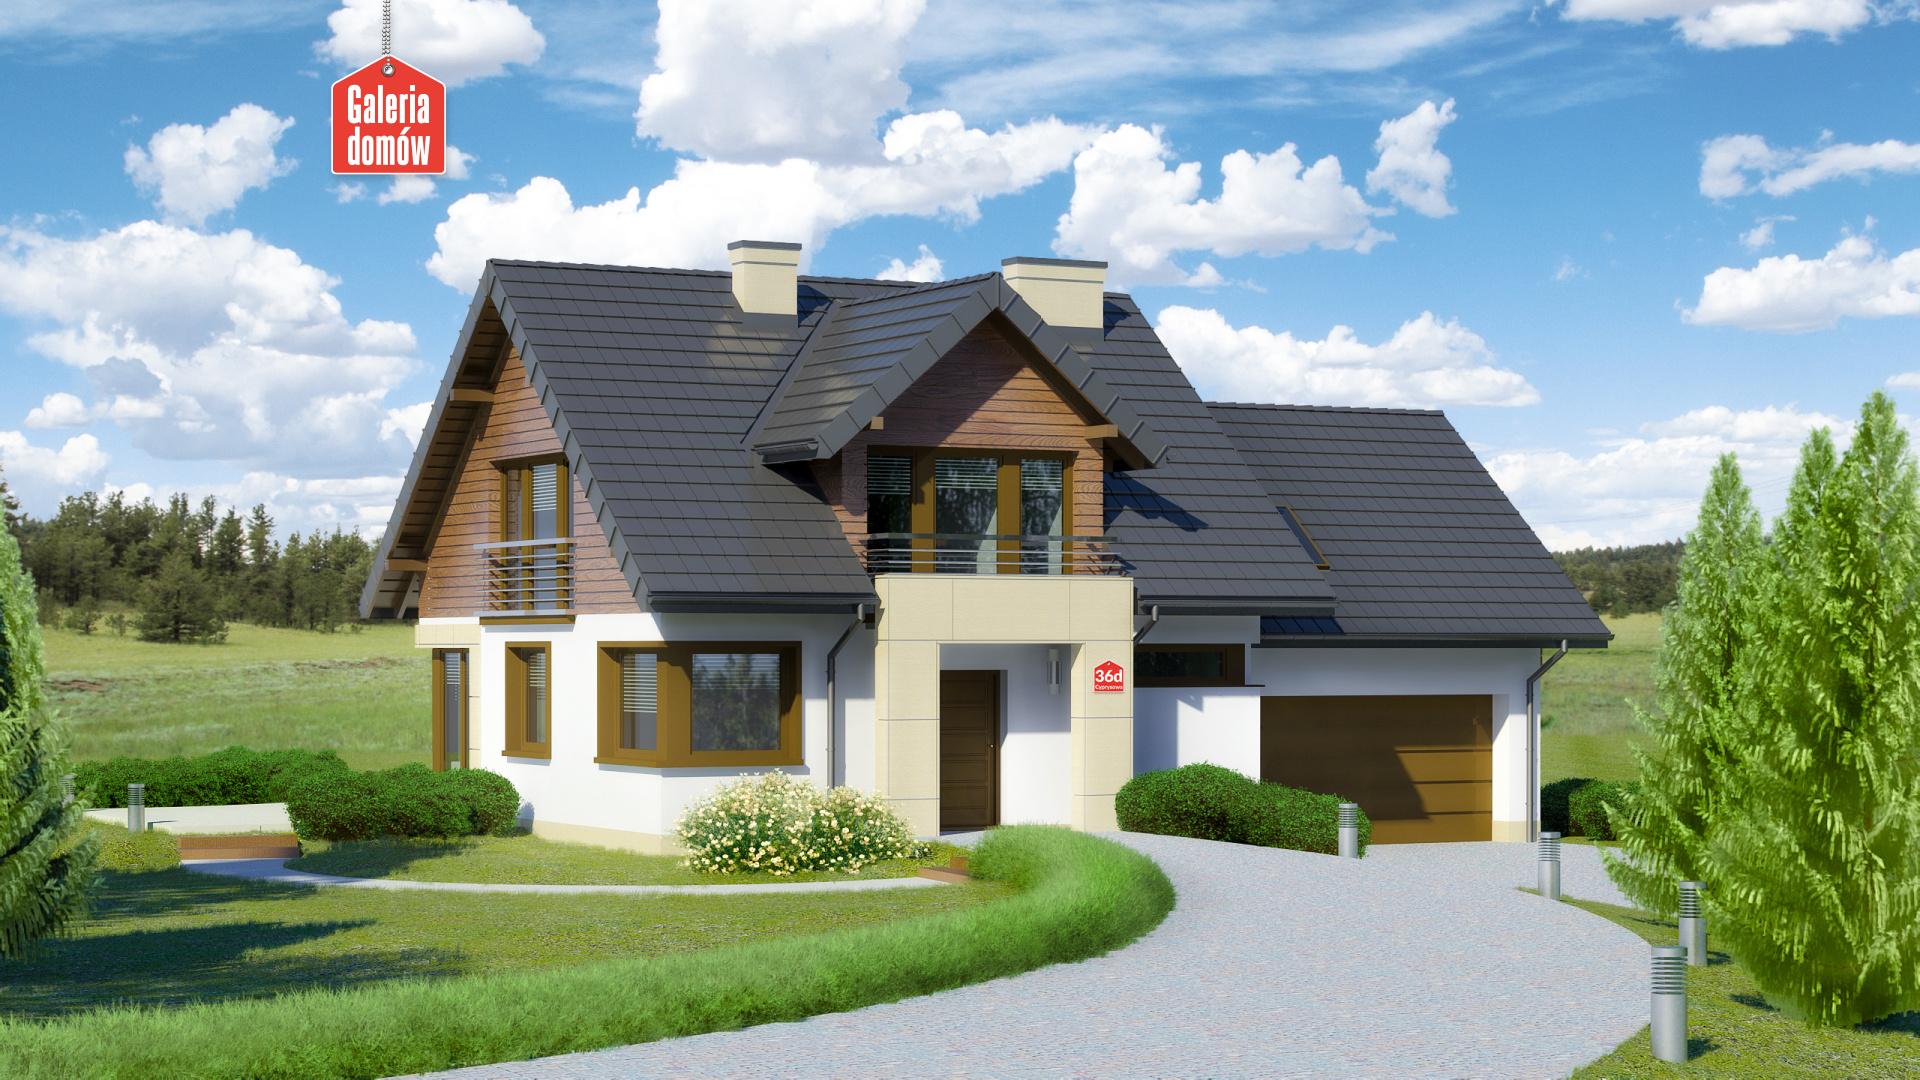 Dom przy Cyprysowej 36 D - zdjęcie projektu i wizualizacja